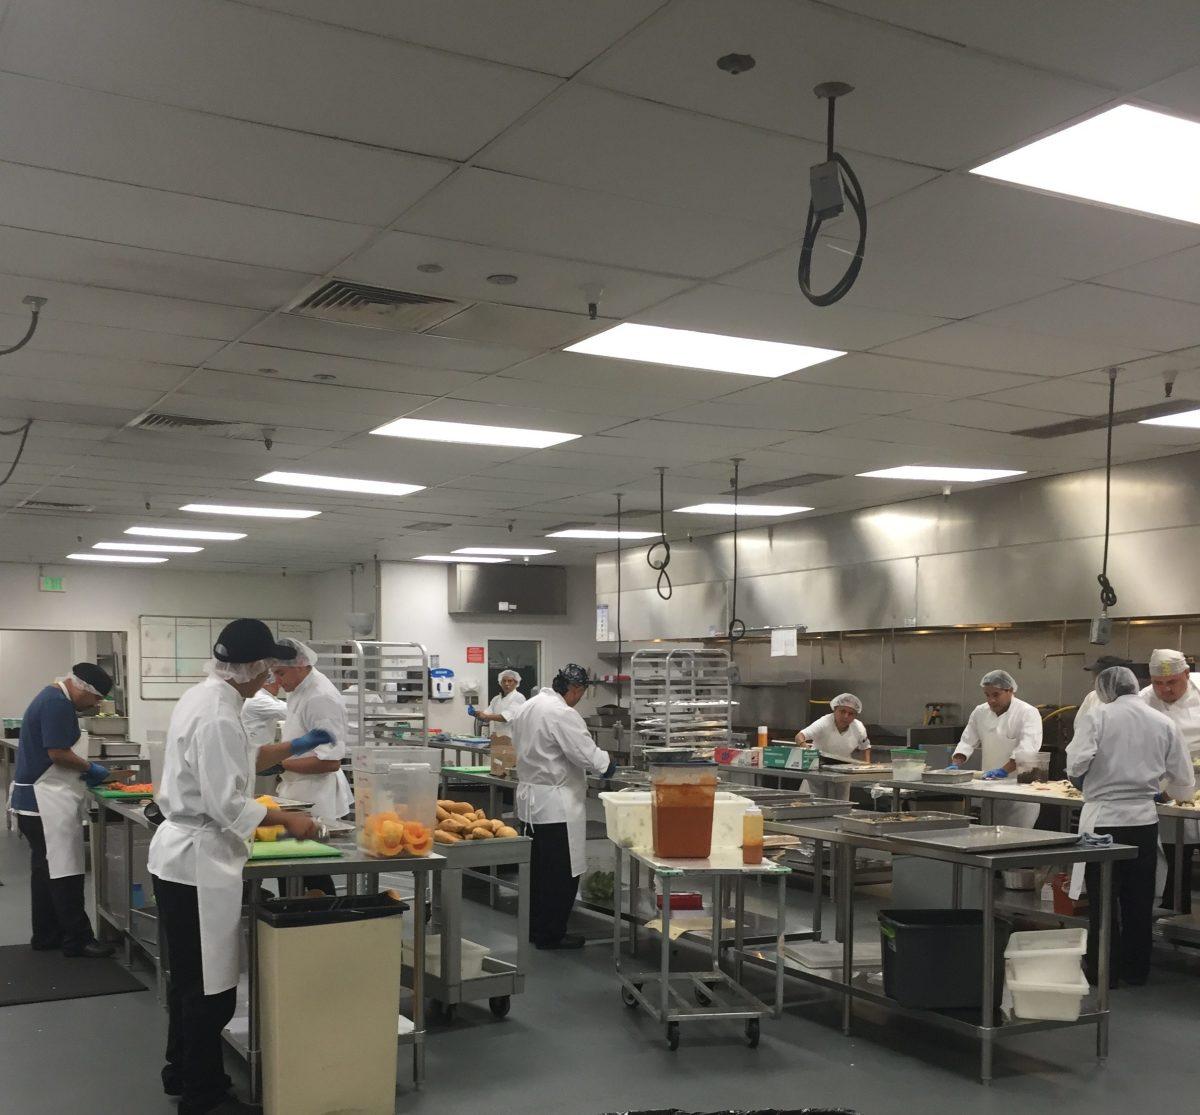 Veestro Chefs preparing meals